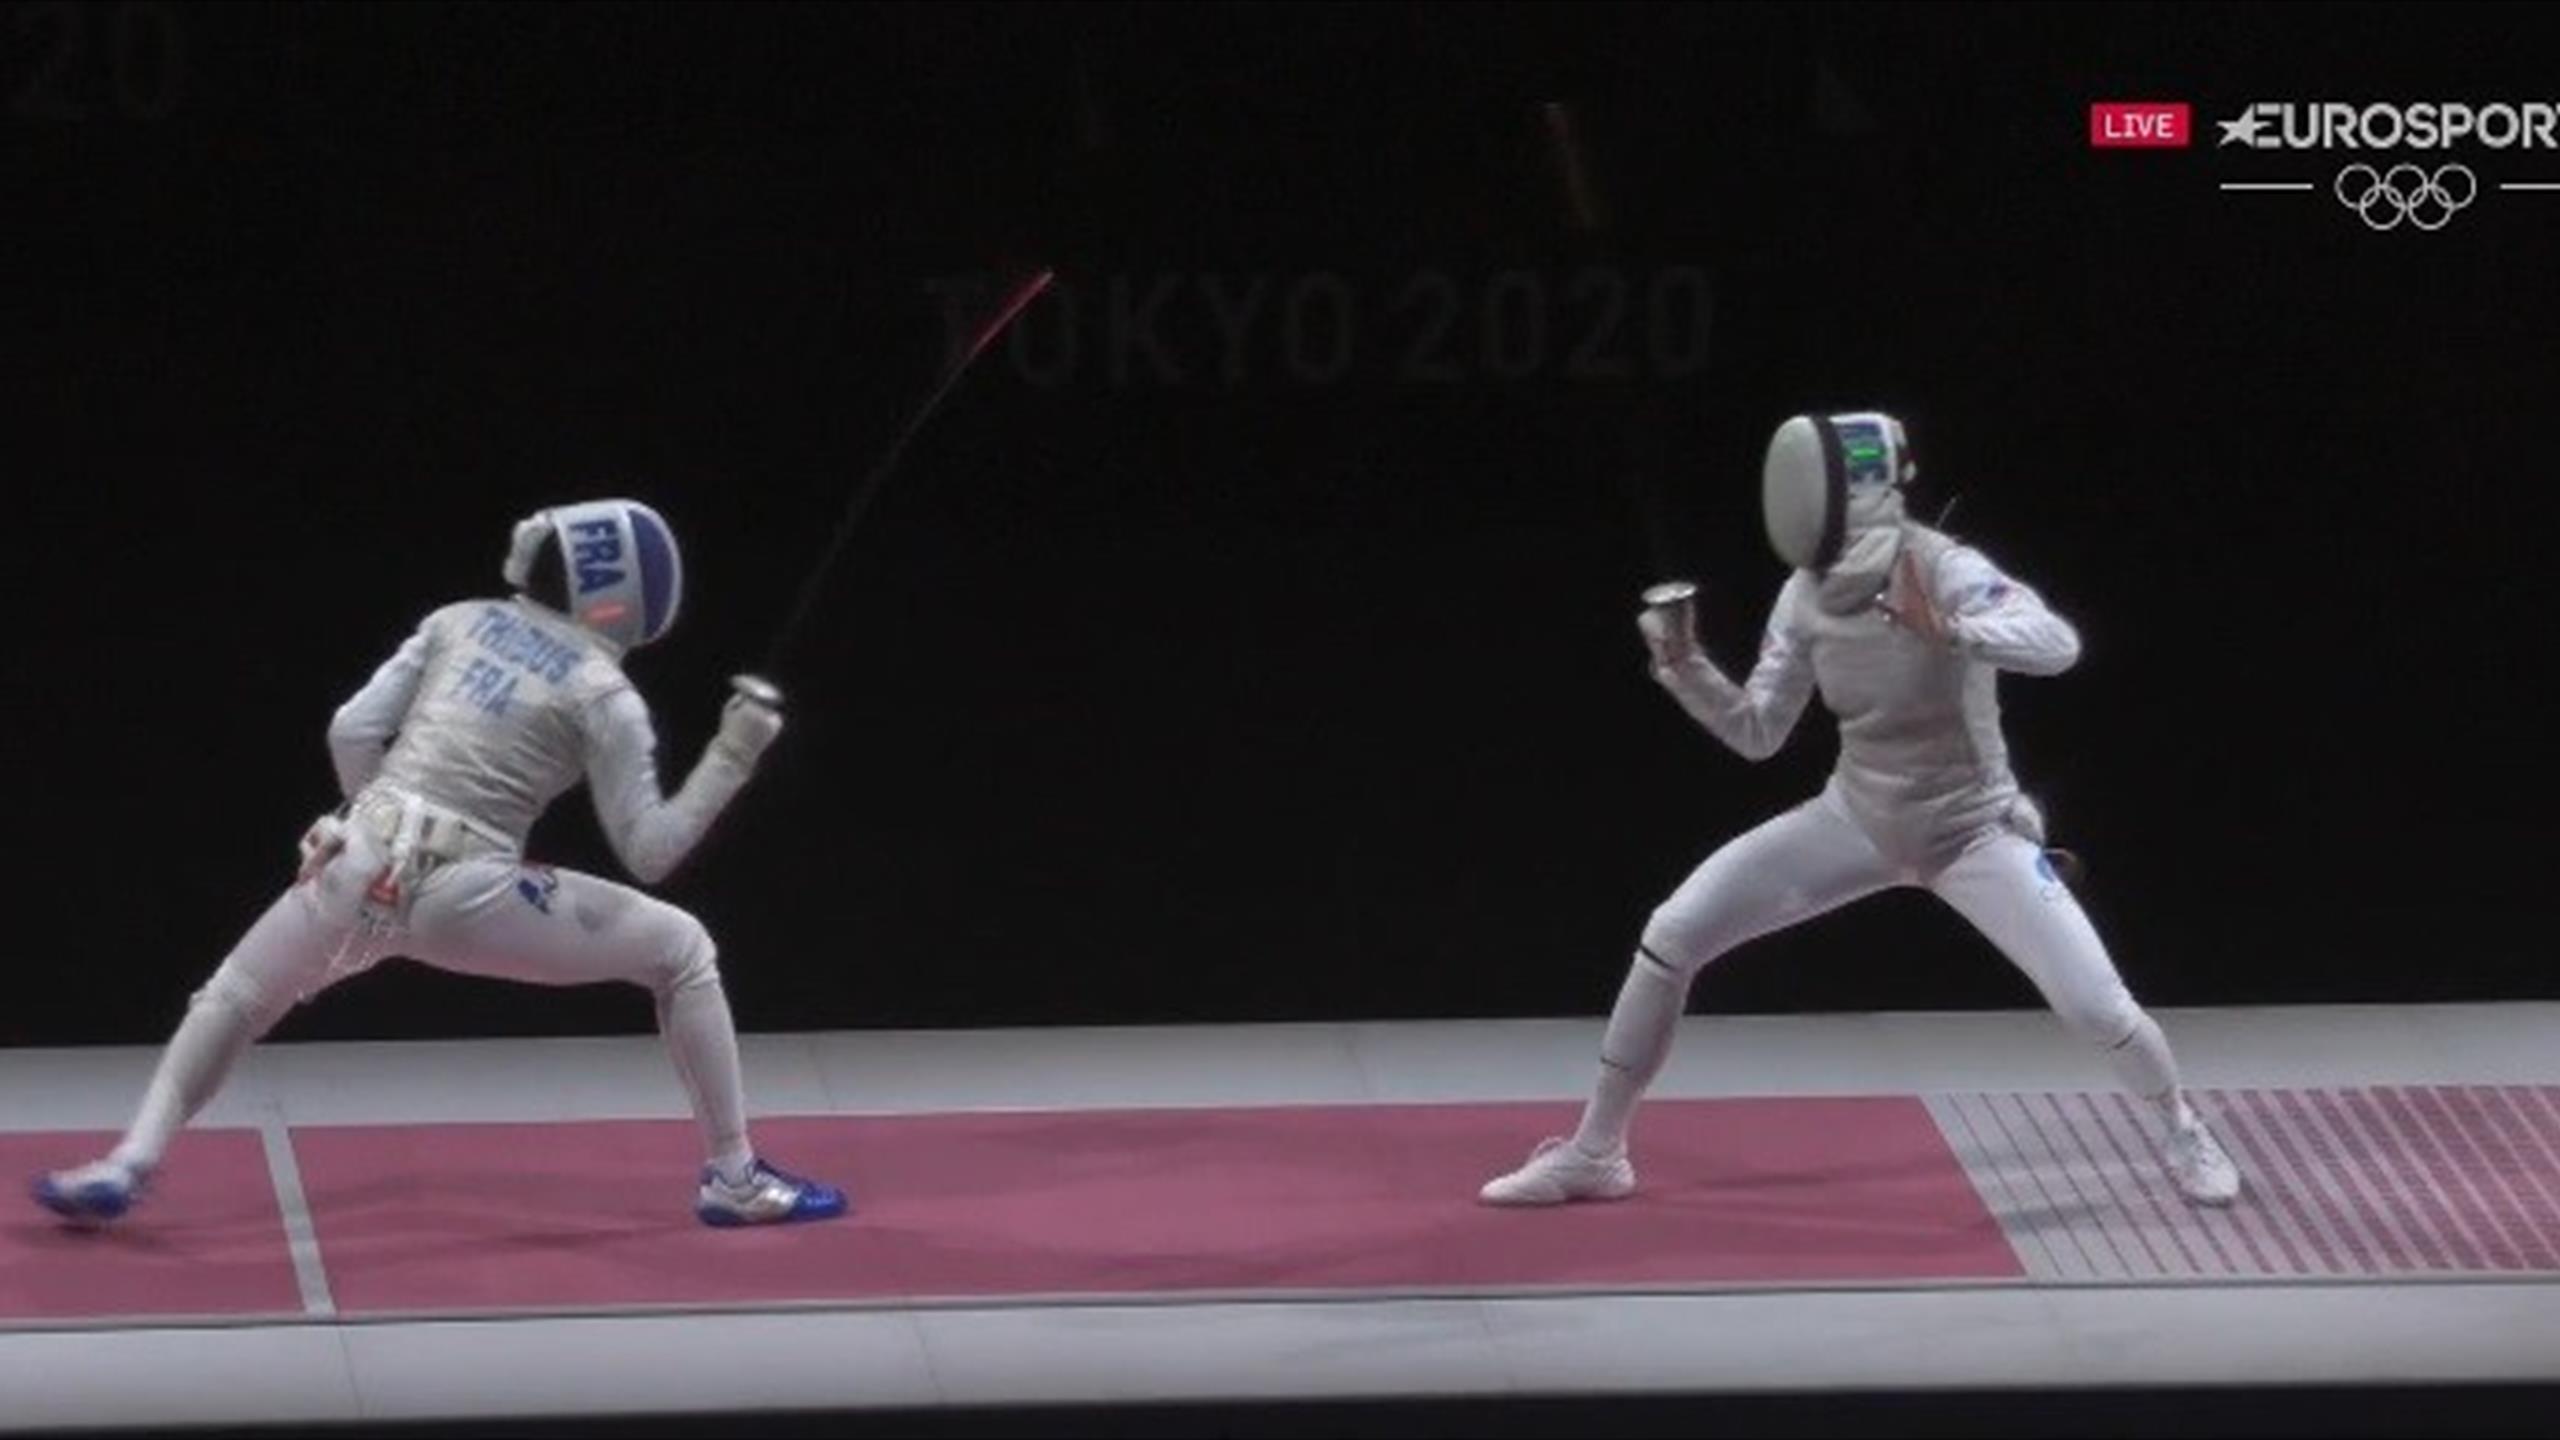 Les Bleues impuissantes face aux fleurettistes du comité olympique russe: revivez la dernière touche